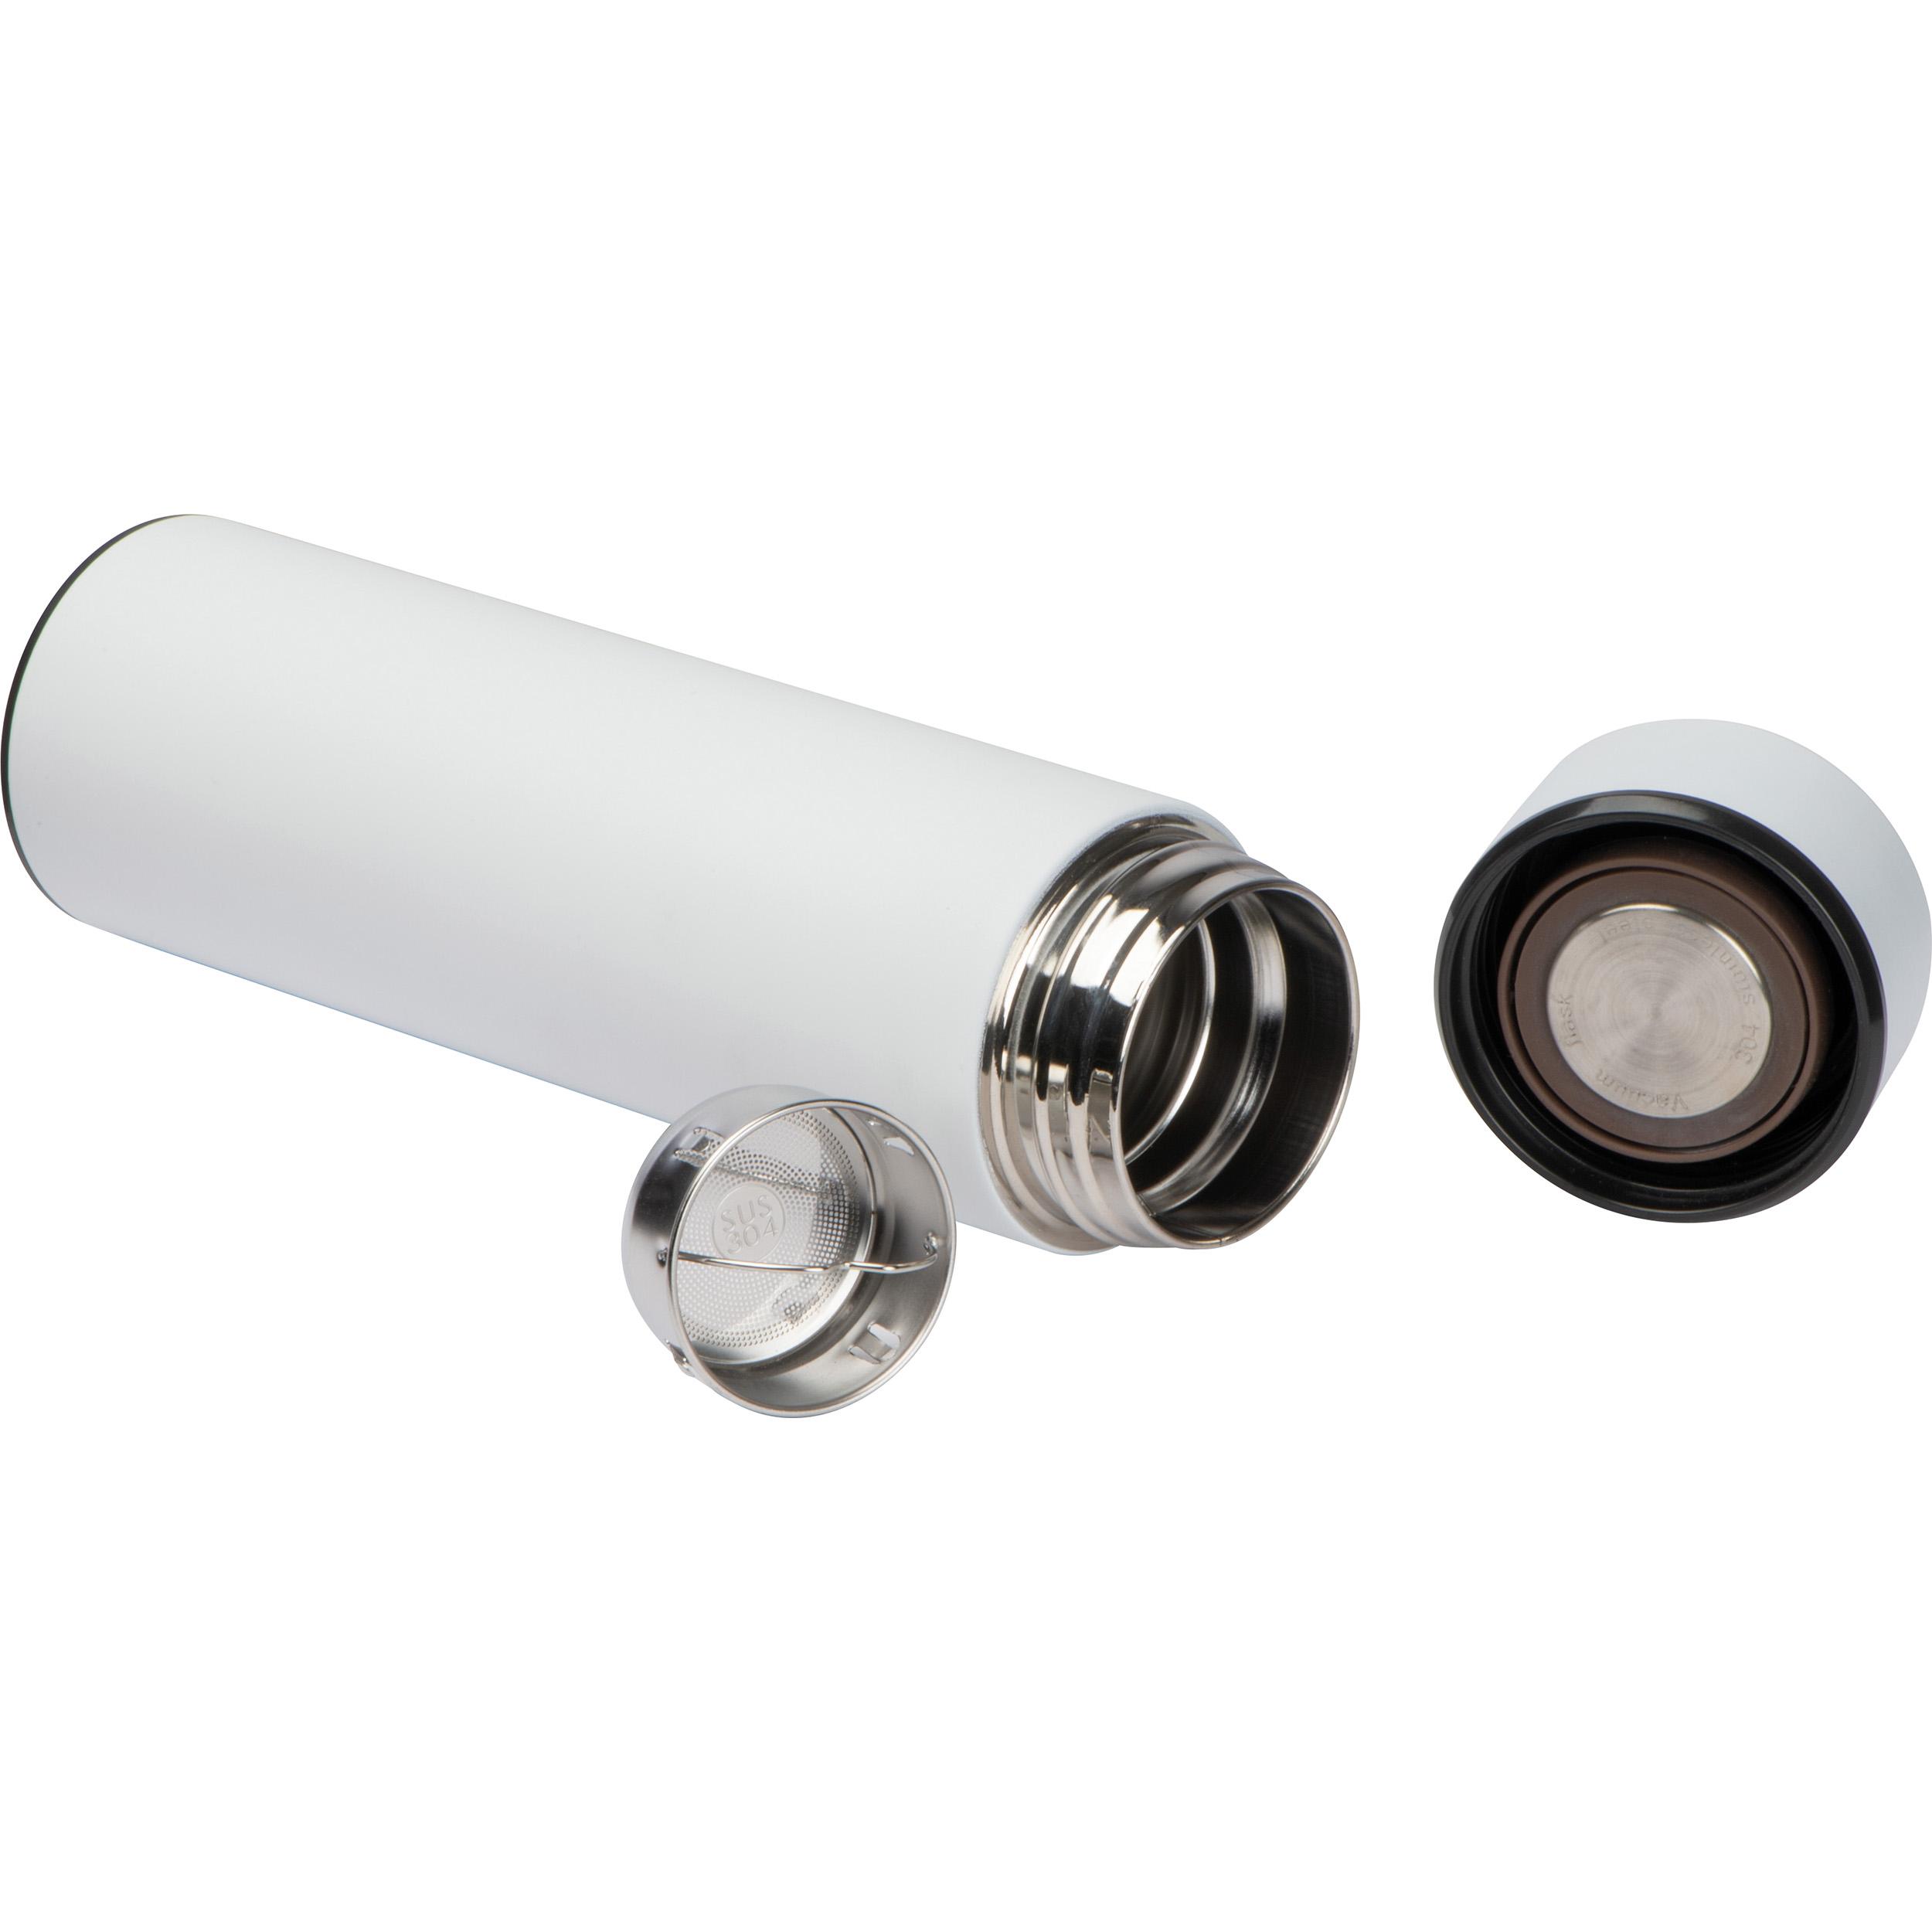 Isolierflasche mit LED-Temperaturanzeige